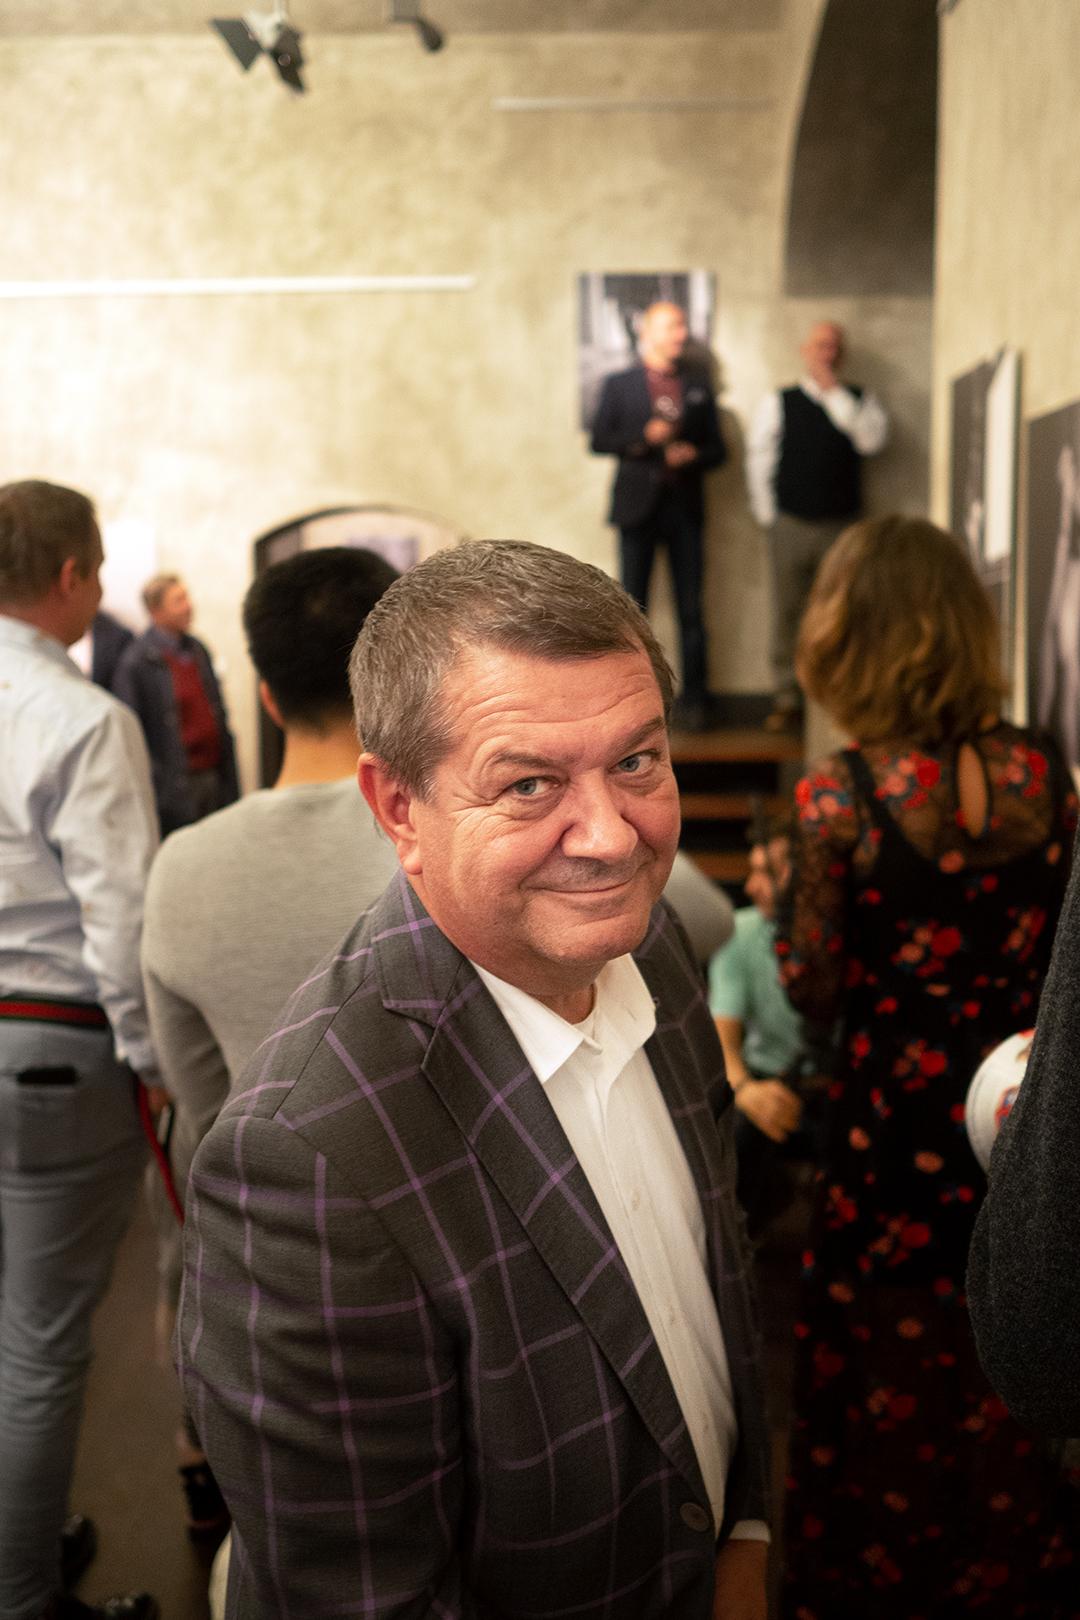 Na výstavě nechyběl ani Ing. Pavel Schreiber - předseda představenstva CEWE FOTOLAB